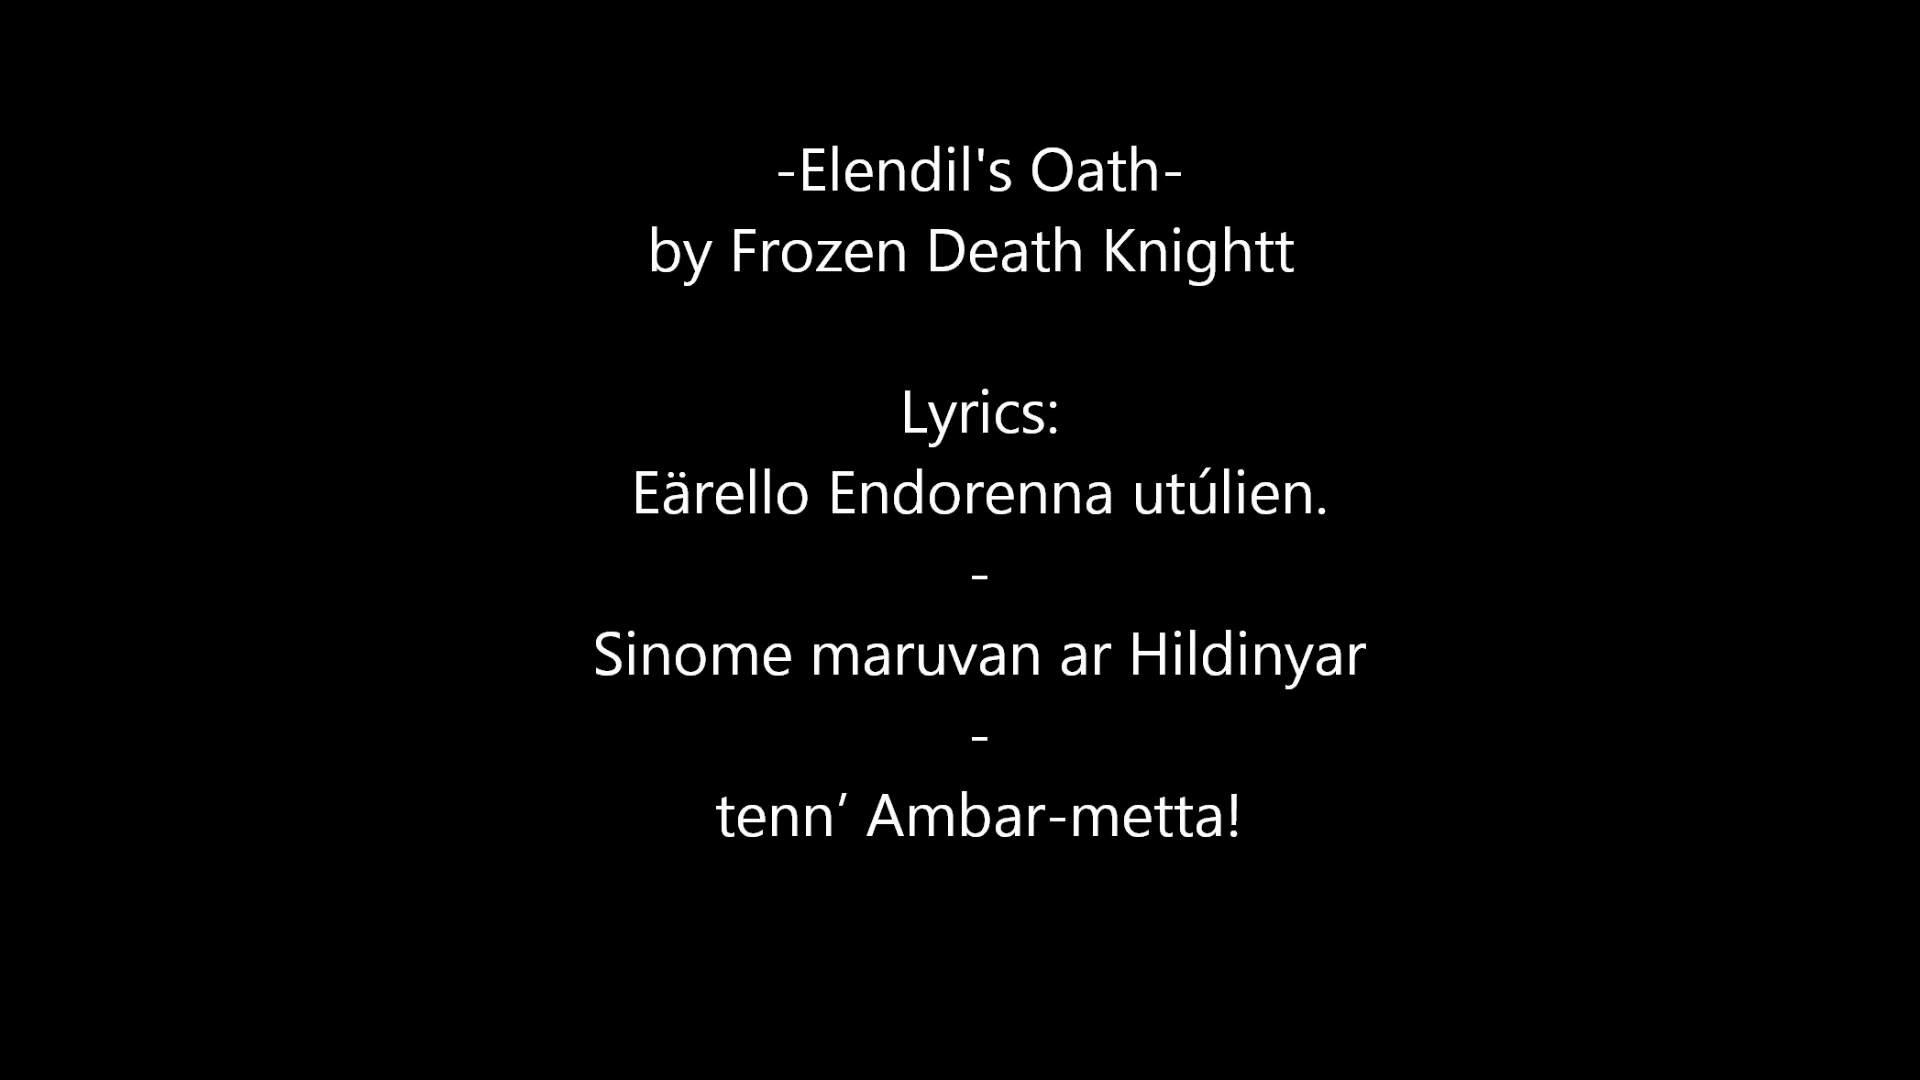 Elendil's Oath by Frozen Death Knight